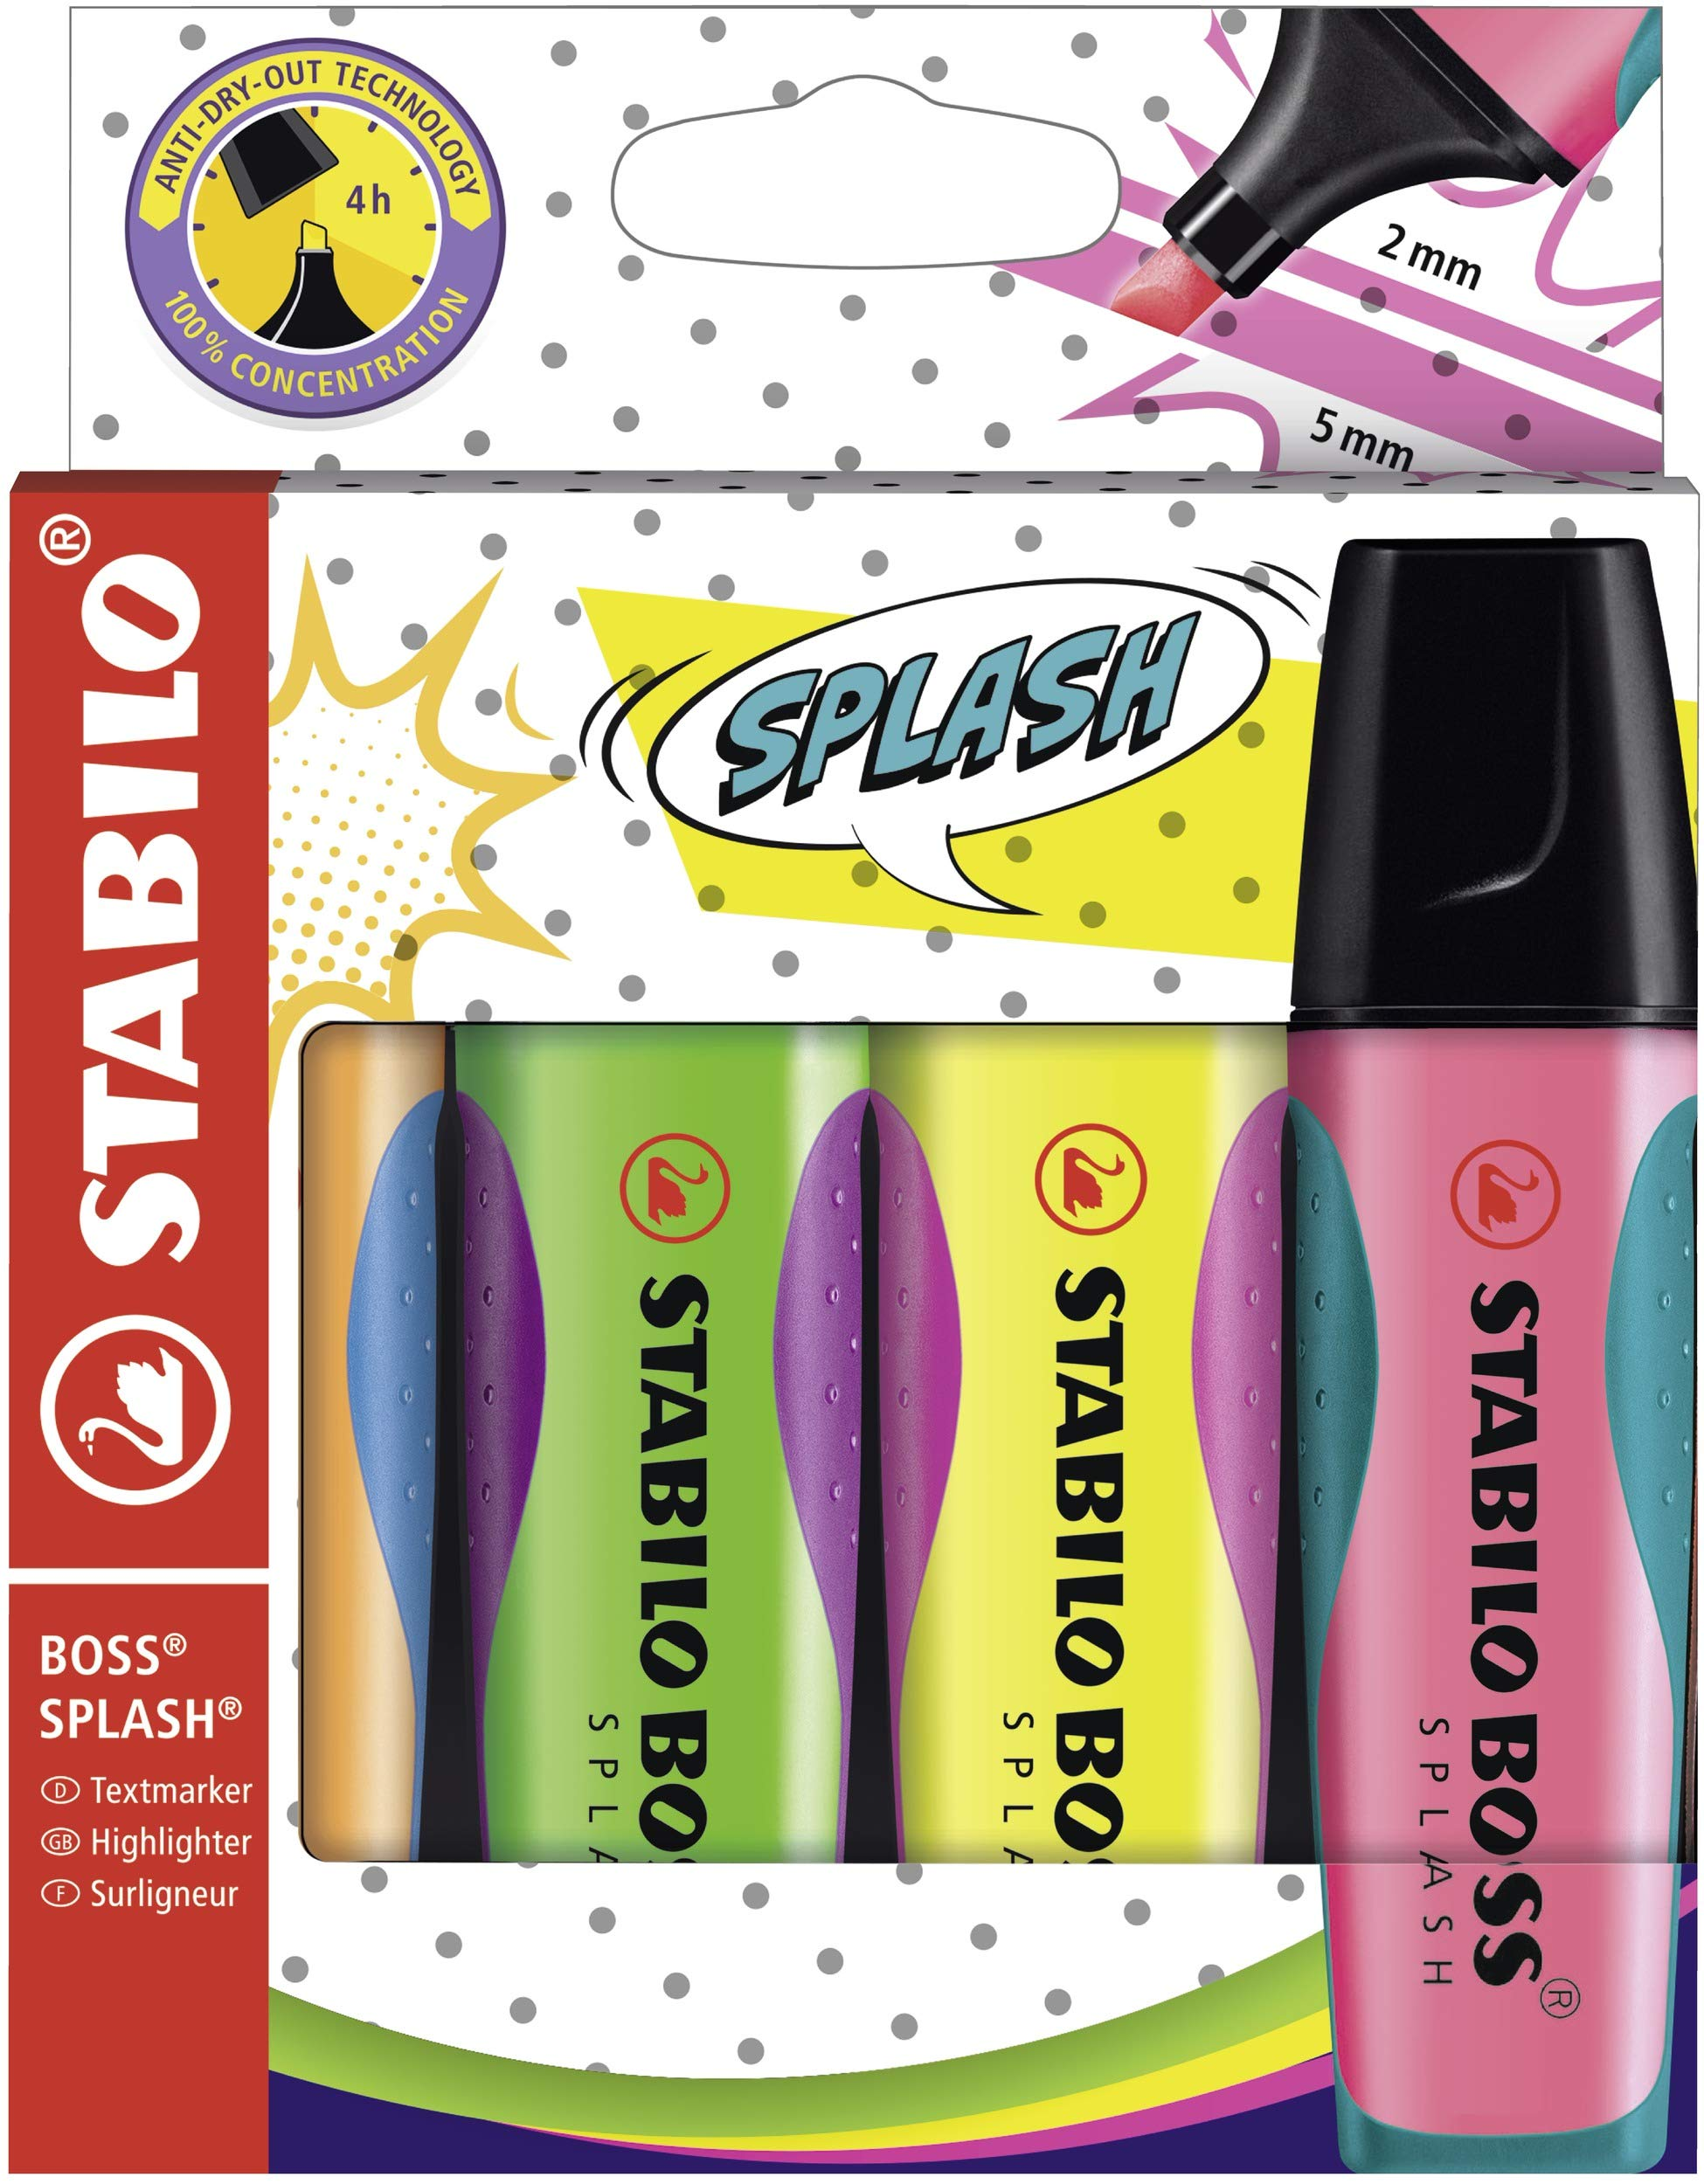 Stabilo Boss Splash - Rotuladores fluorescentes (5 paquetes de 4 unidades), color amarillo, naranja, verde y rosa: Amazon.es: Oficina y papelería